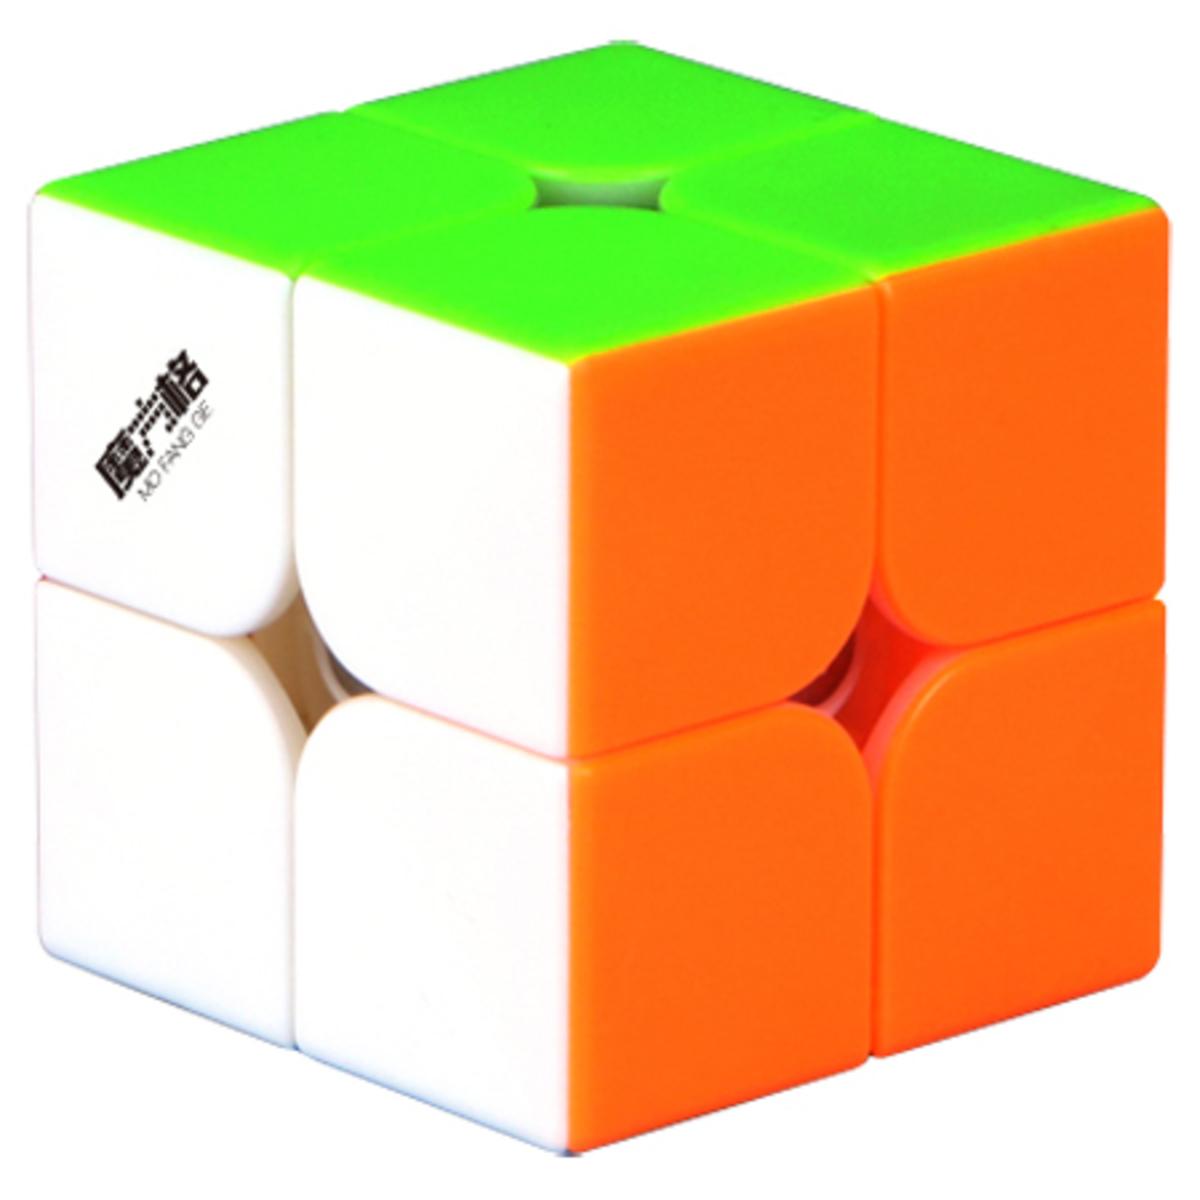 2x2x2 Wuxia